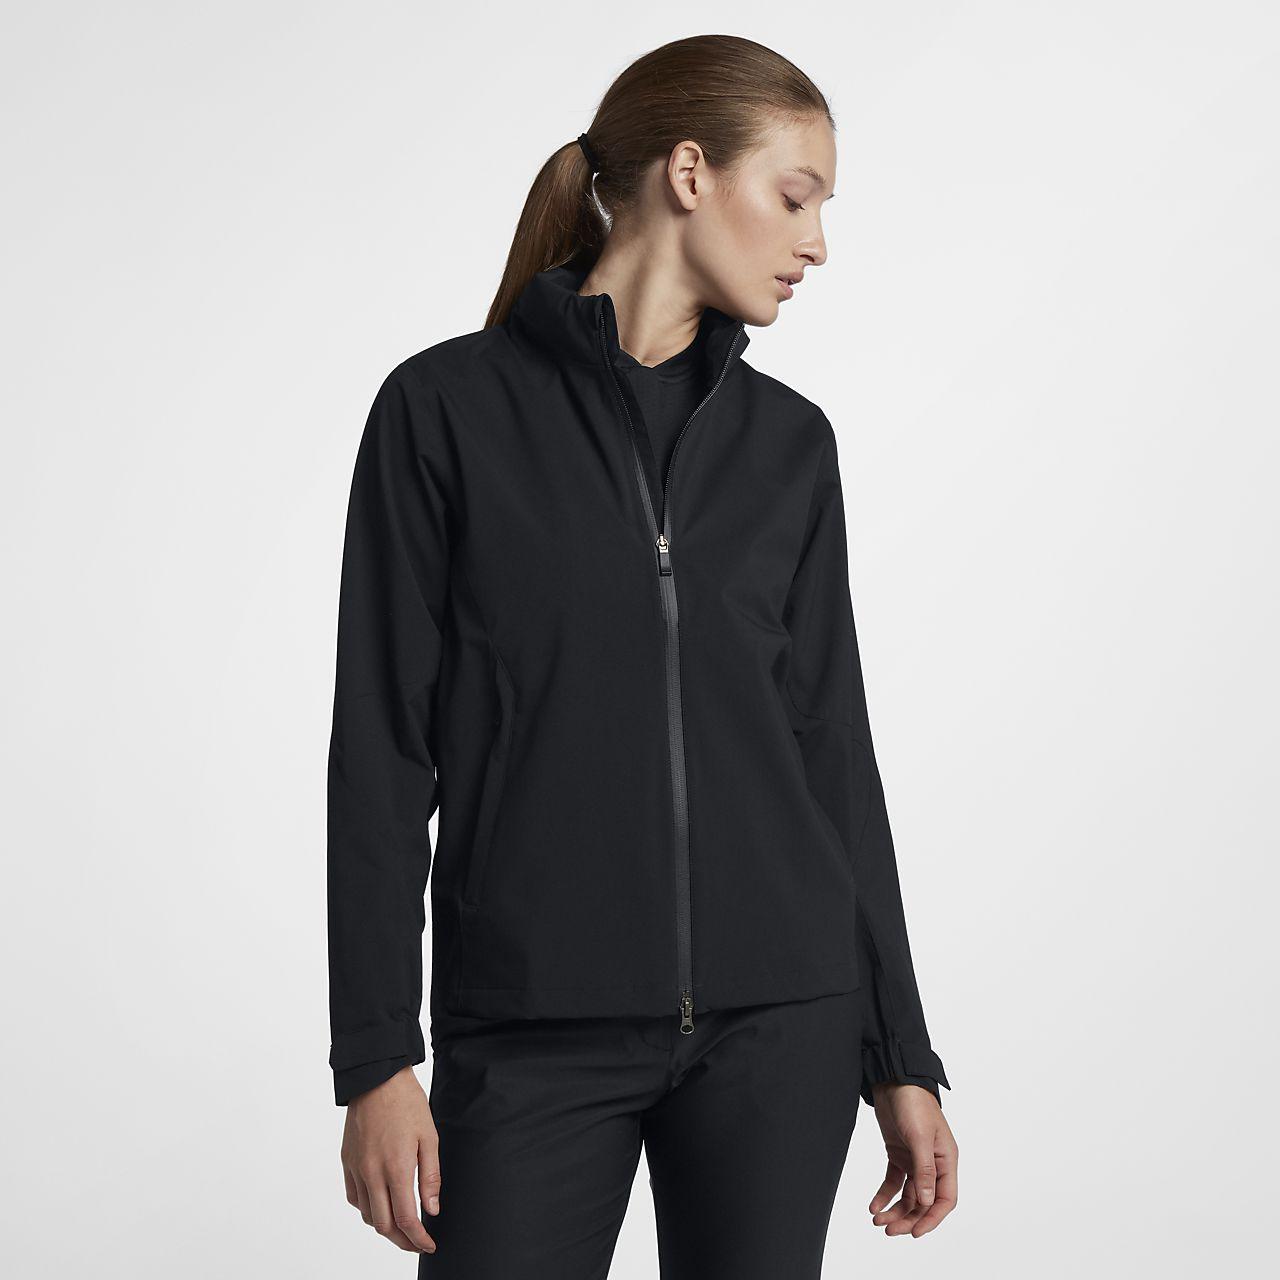 Chamarra de golf de cierre completo para mujer Nike HyperShield